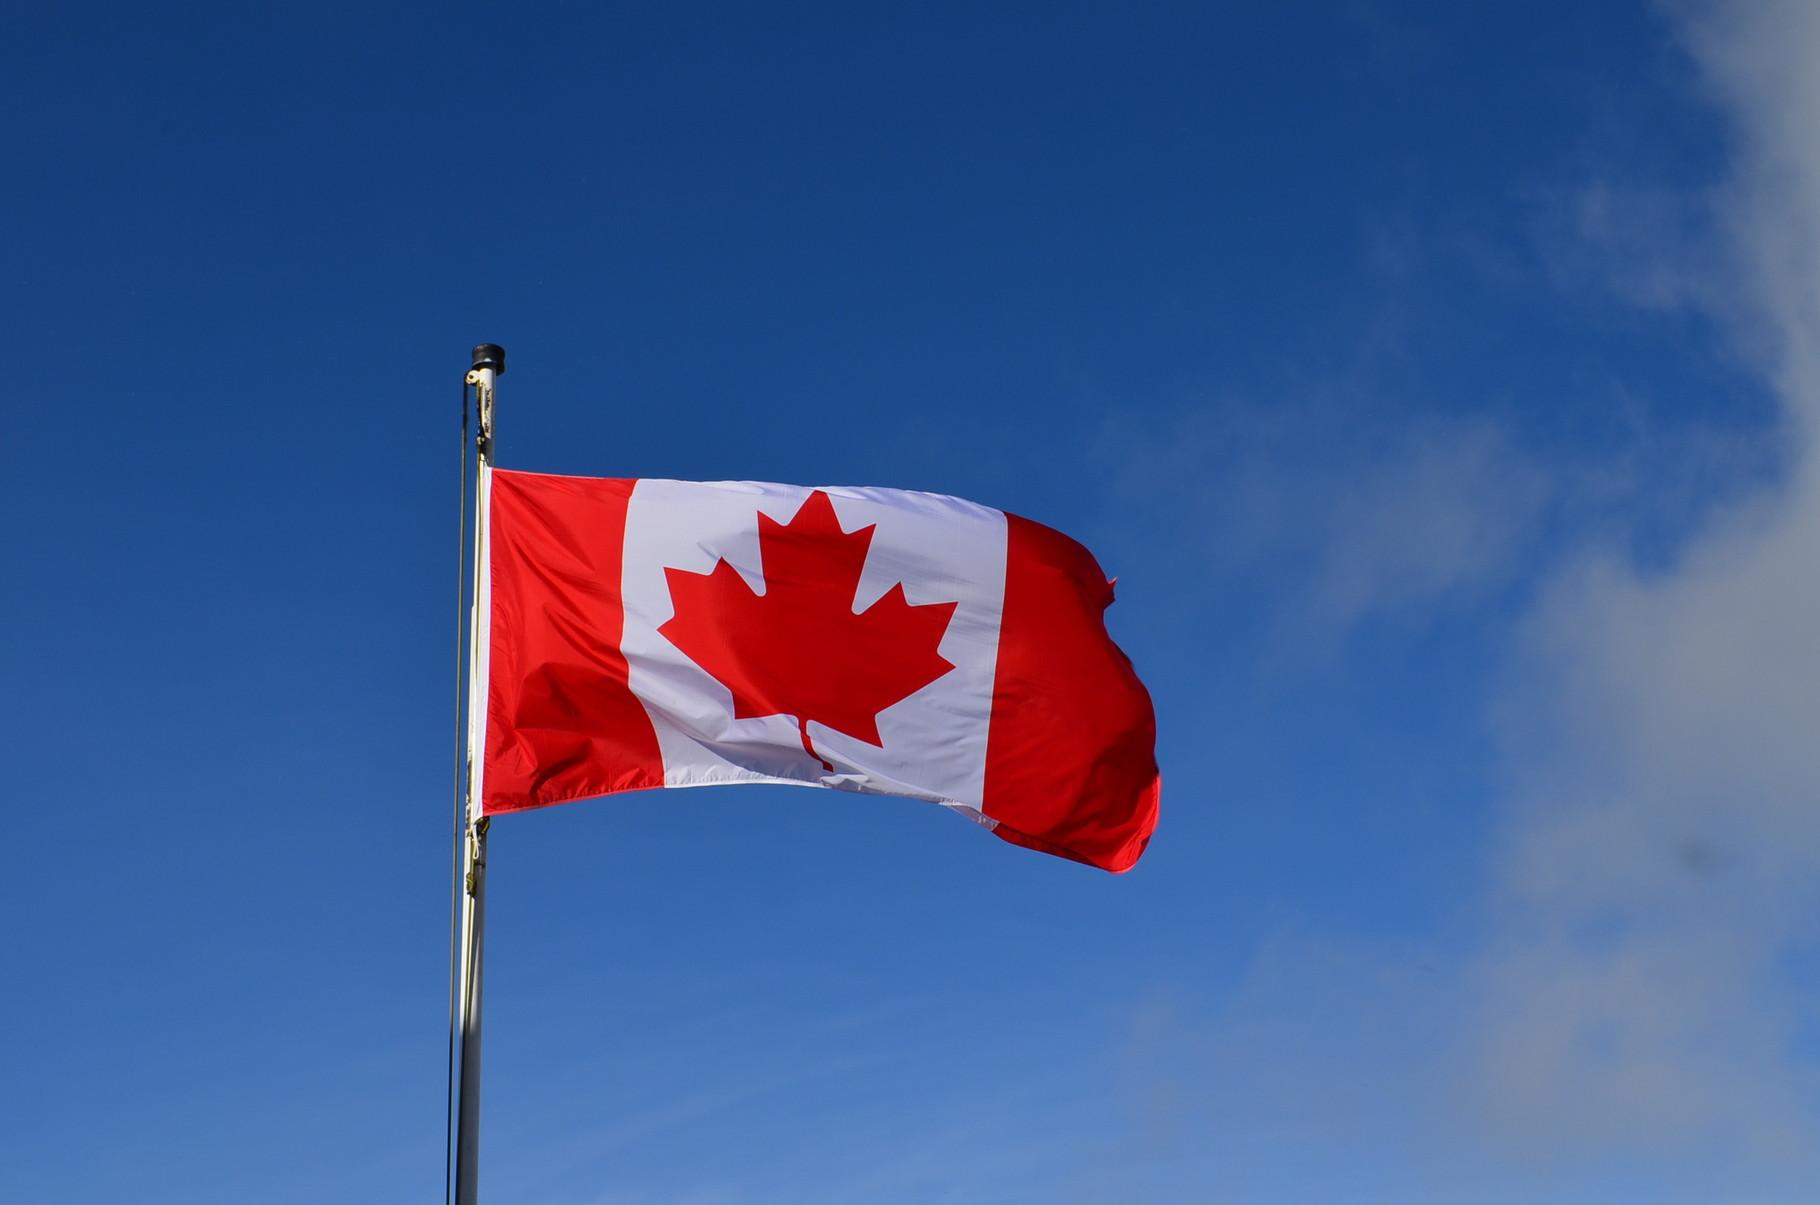 ab jetzt kommen Canada Bilder - sehet und staunet